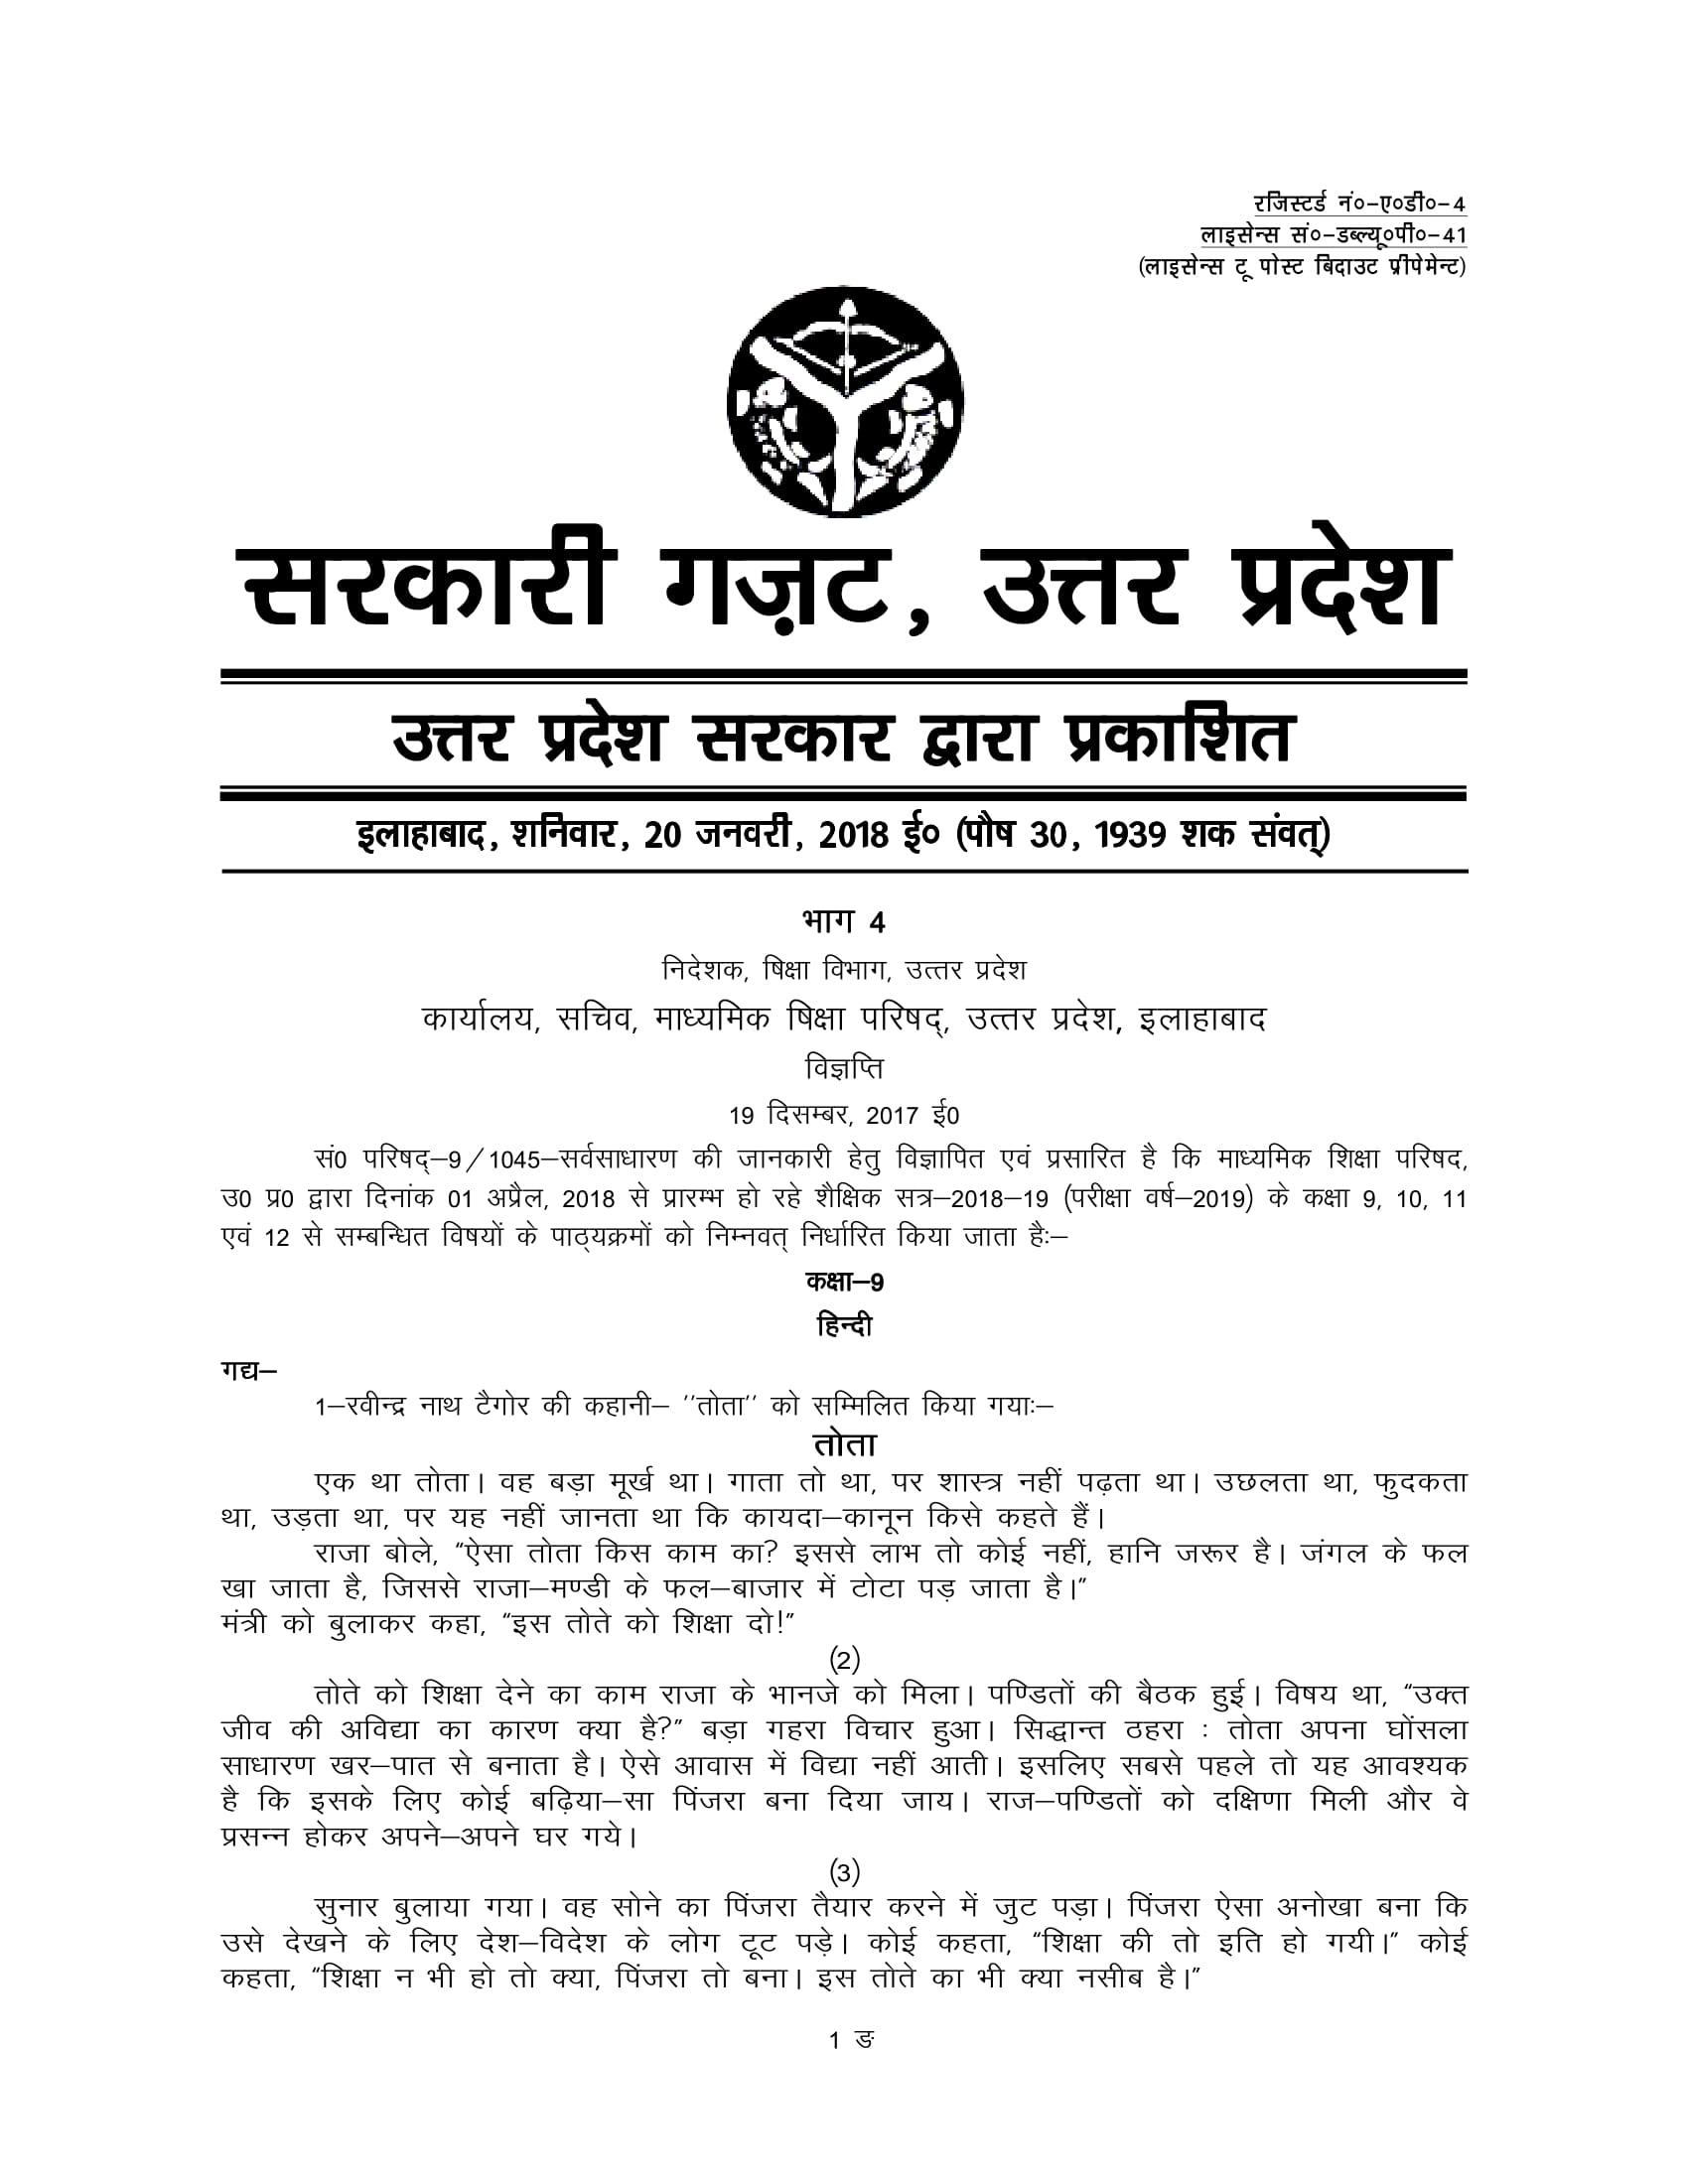 UP Board Syllabus For Class 12th, 11th, 10th, 9th 2018-19 Uttar Pradesh Board Syllabus 2018 Intermediate, High School PDF Download UP Board Syllabus For Class 9th 2018-19 Uttar Pradesh Board Syllabus 2018 9th PDF Download